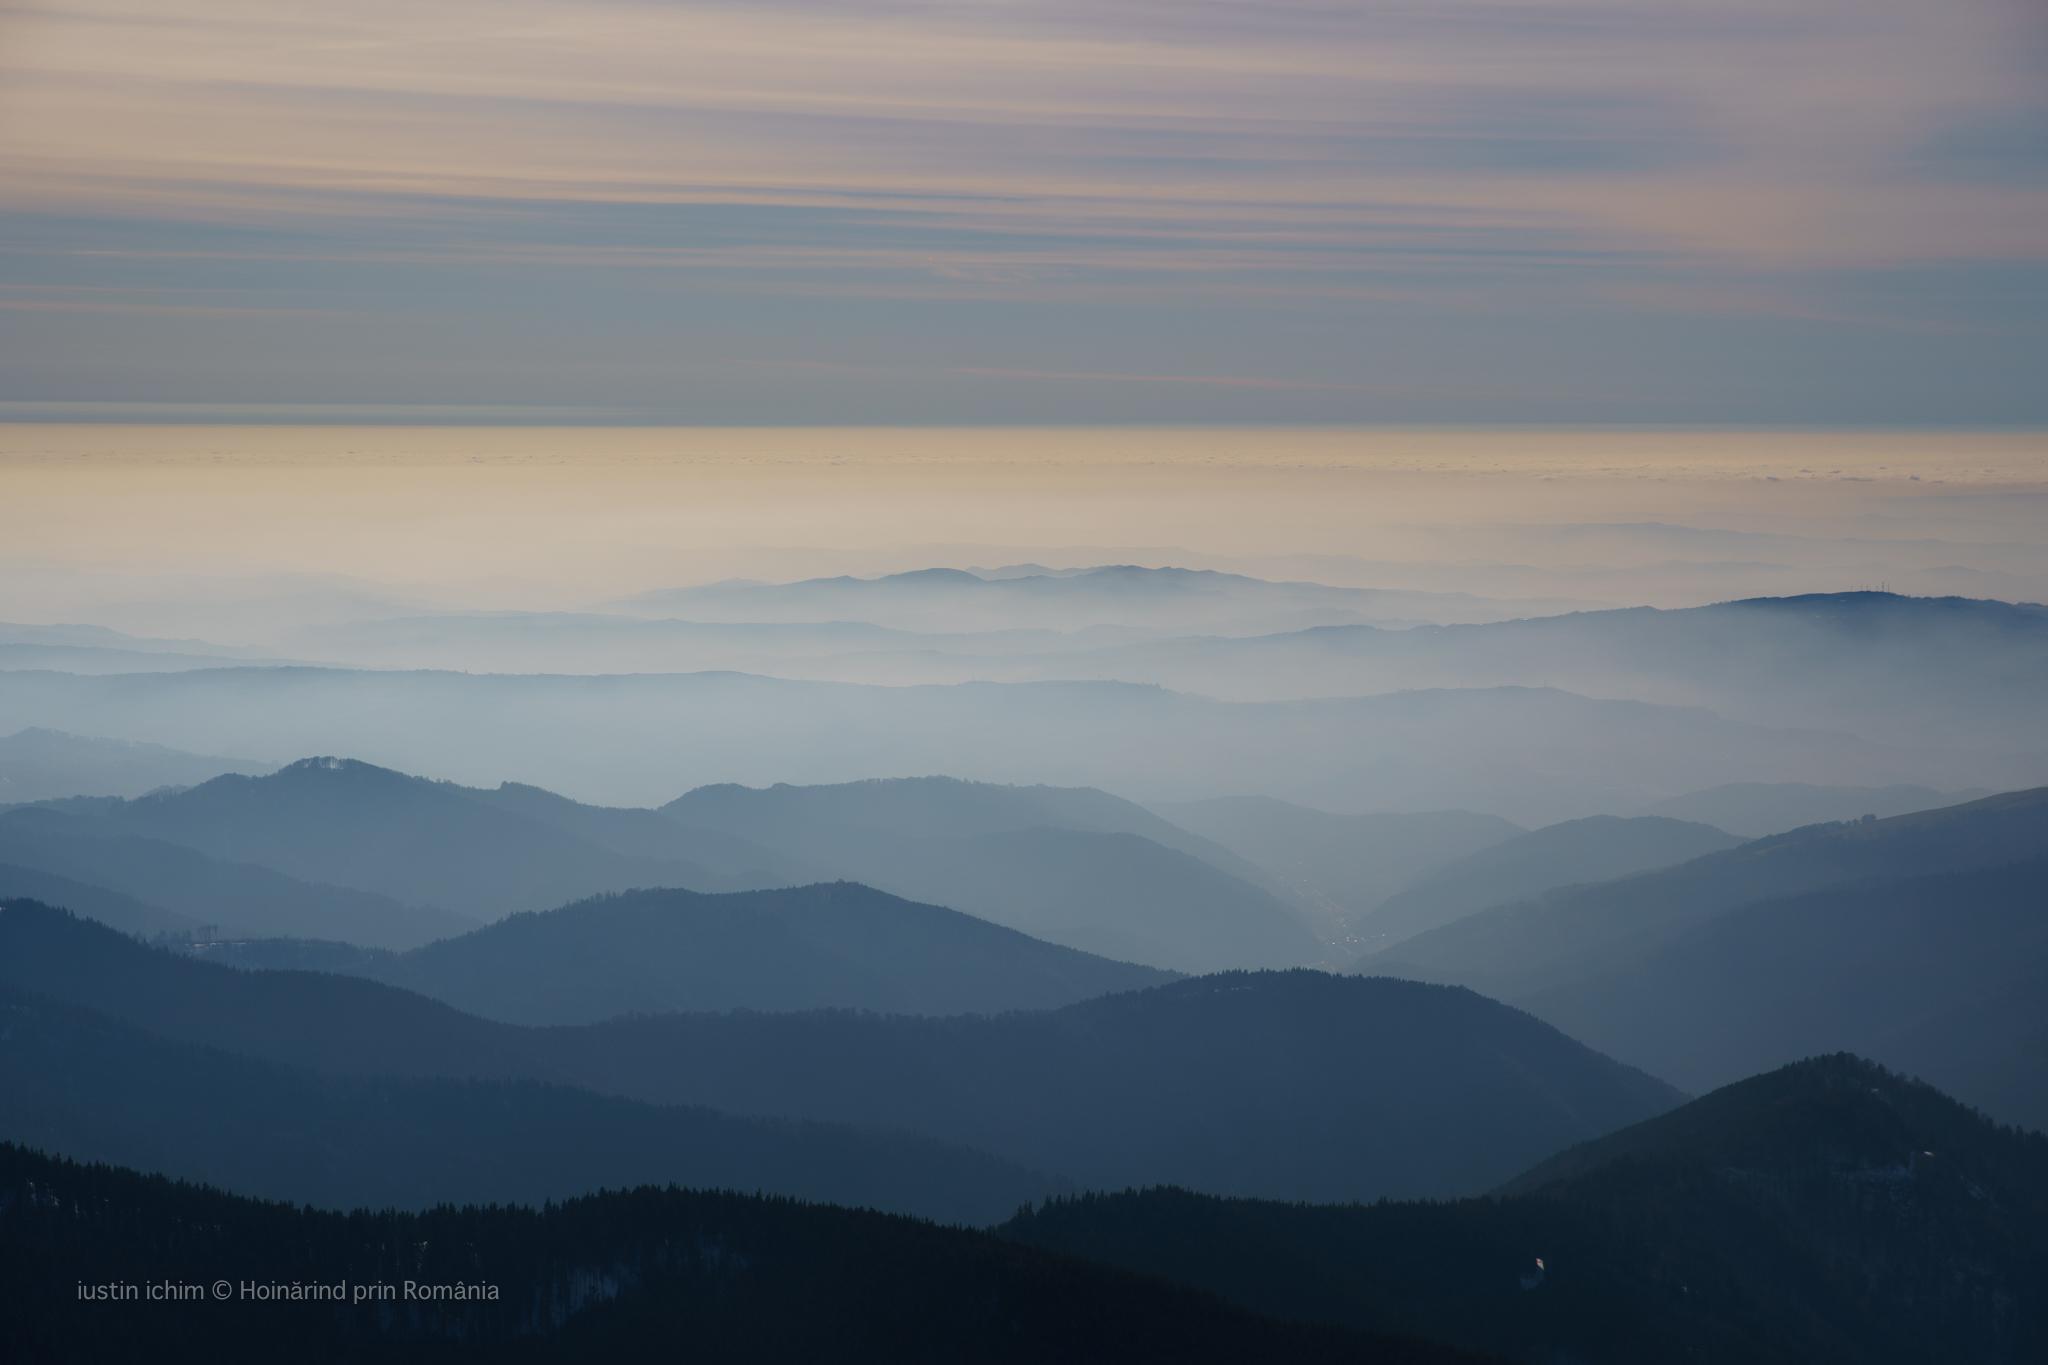 Munți si dealuri in straturi indepărtate